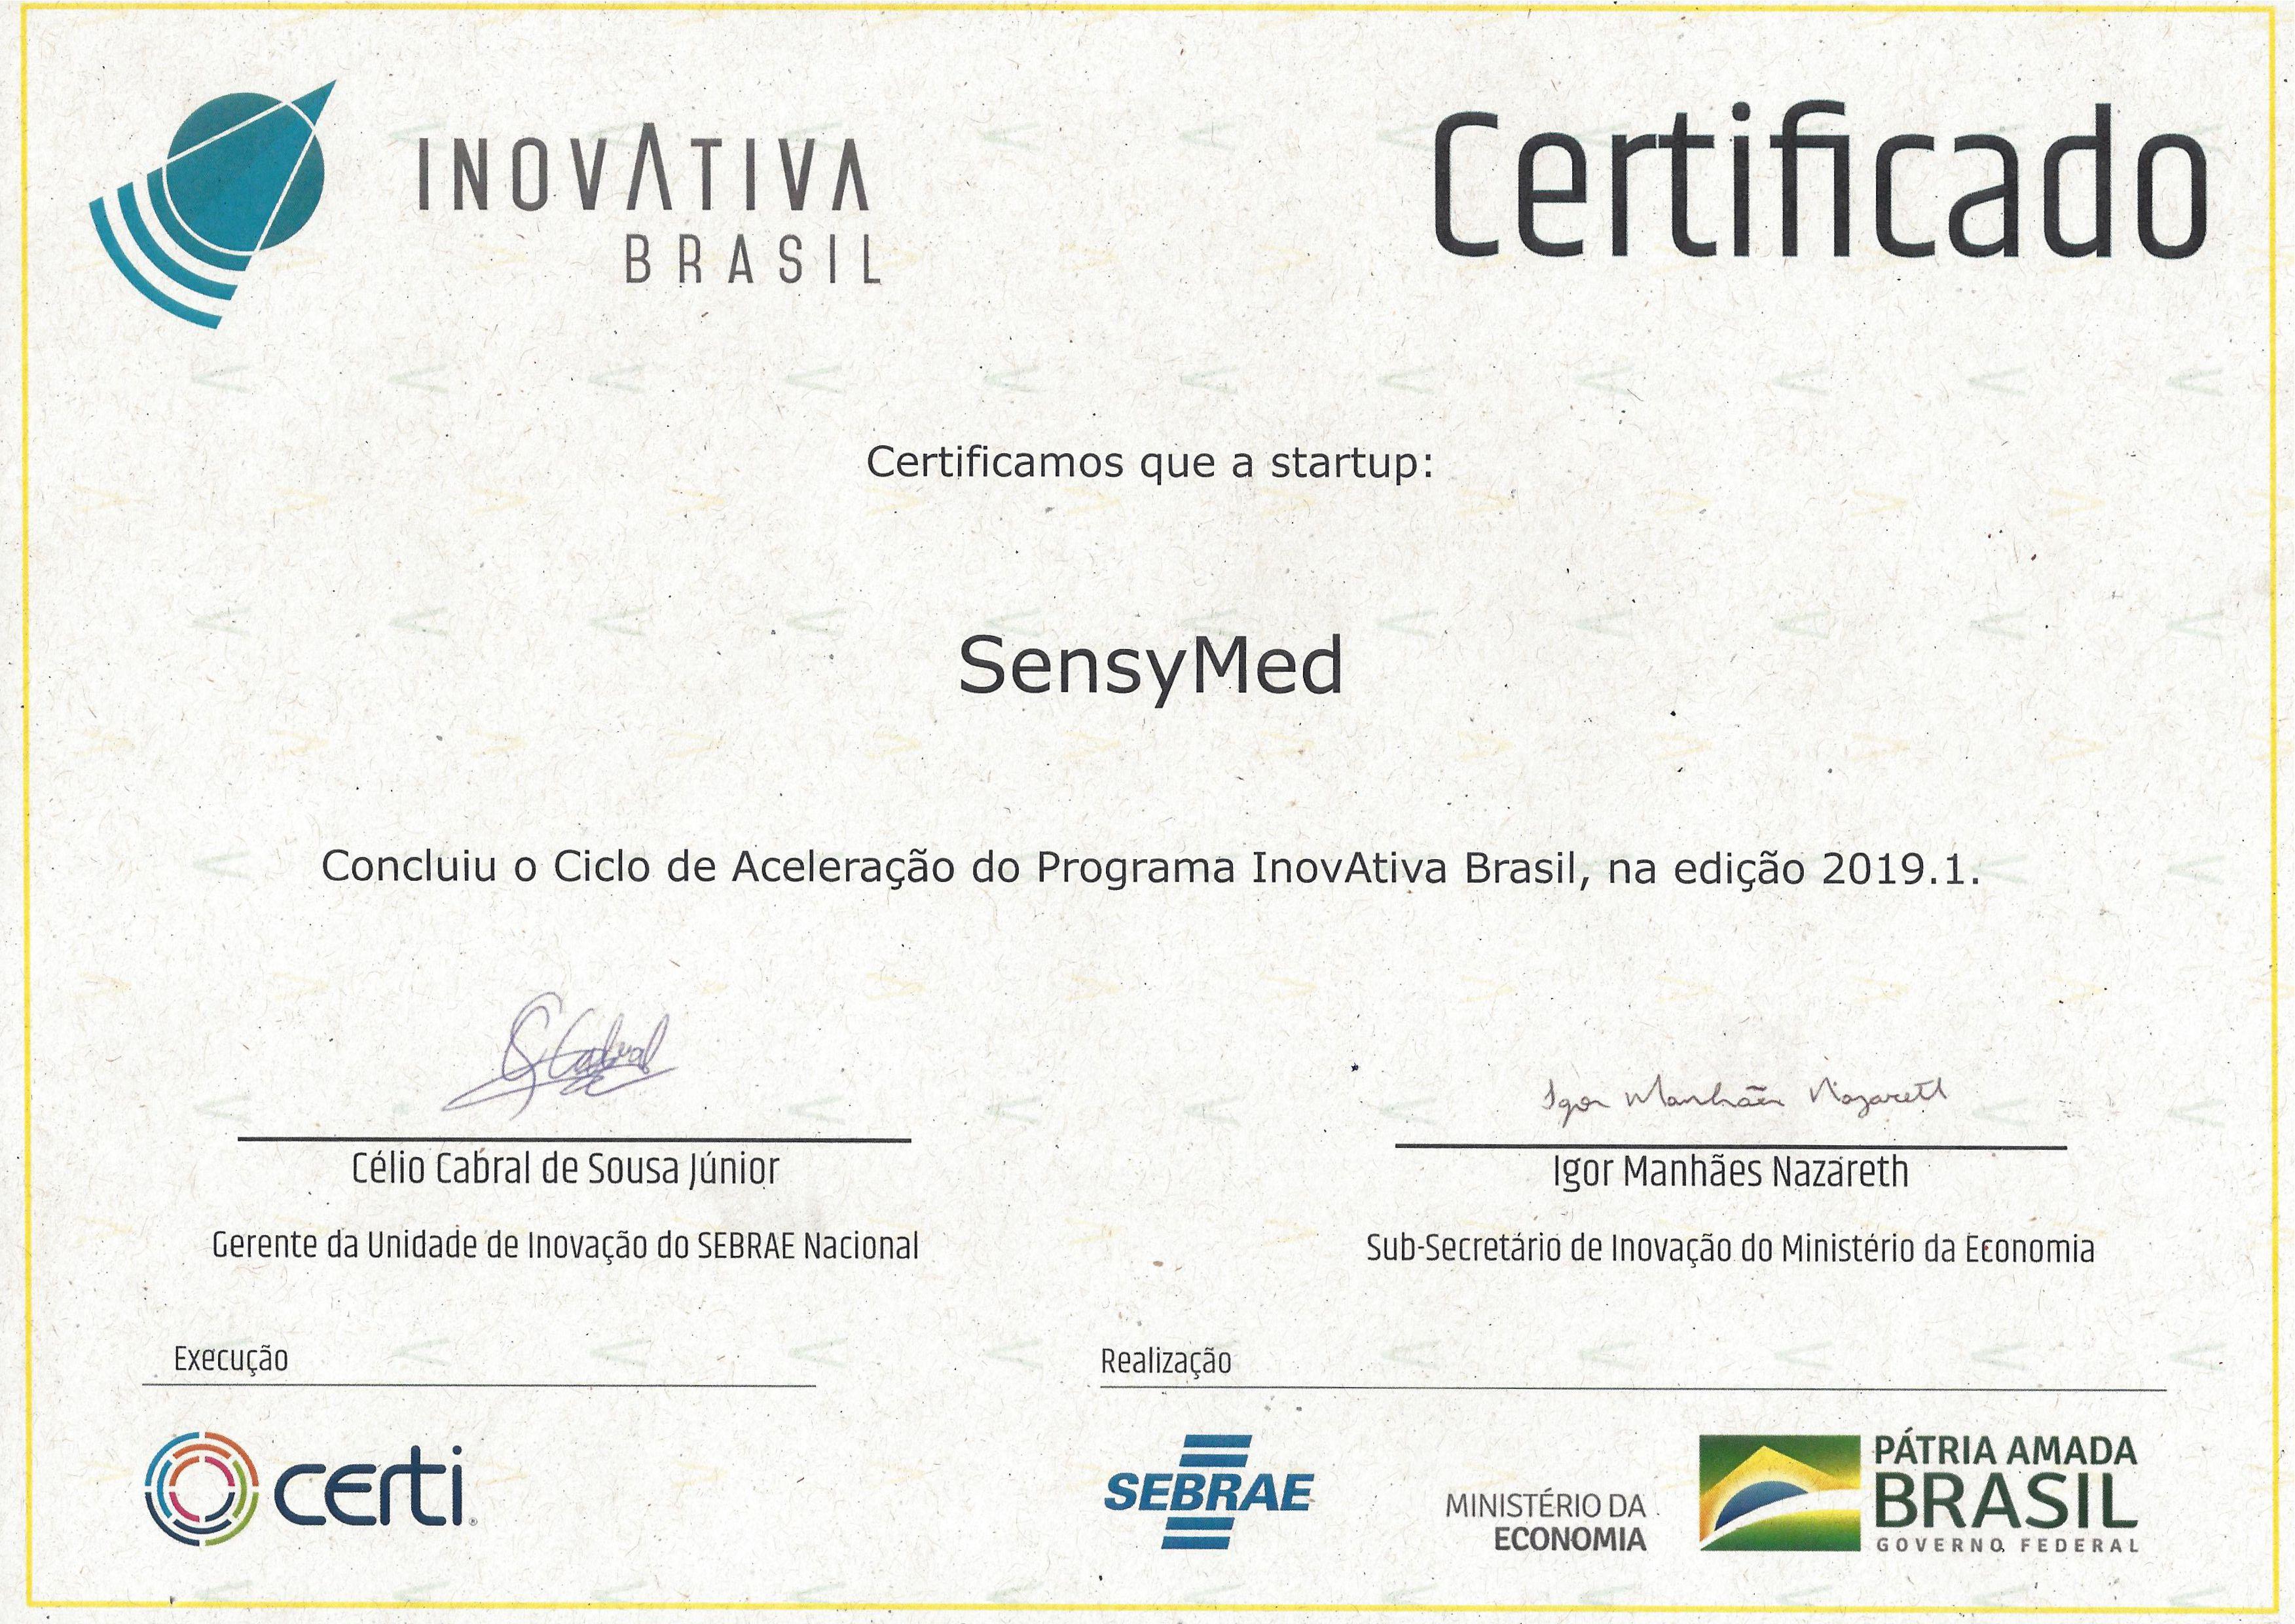 Certificado Inovativa Brasil - 2019